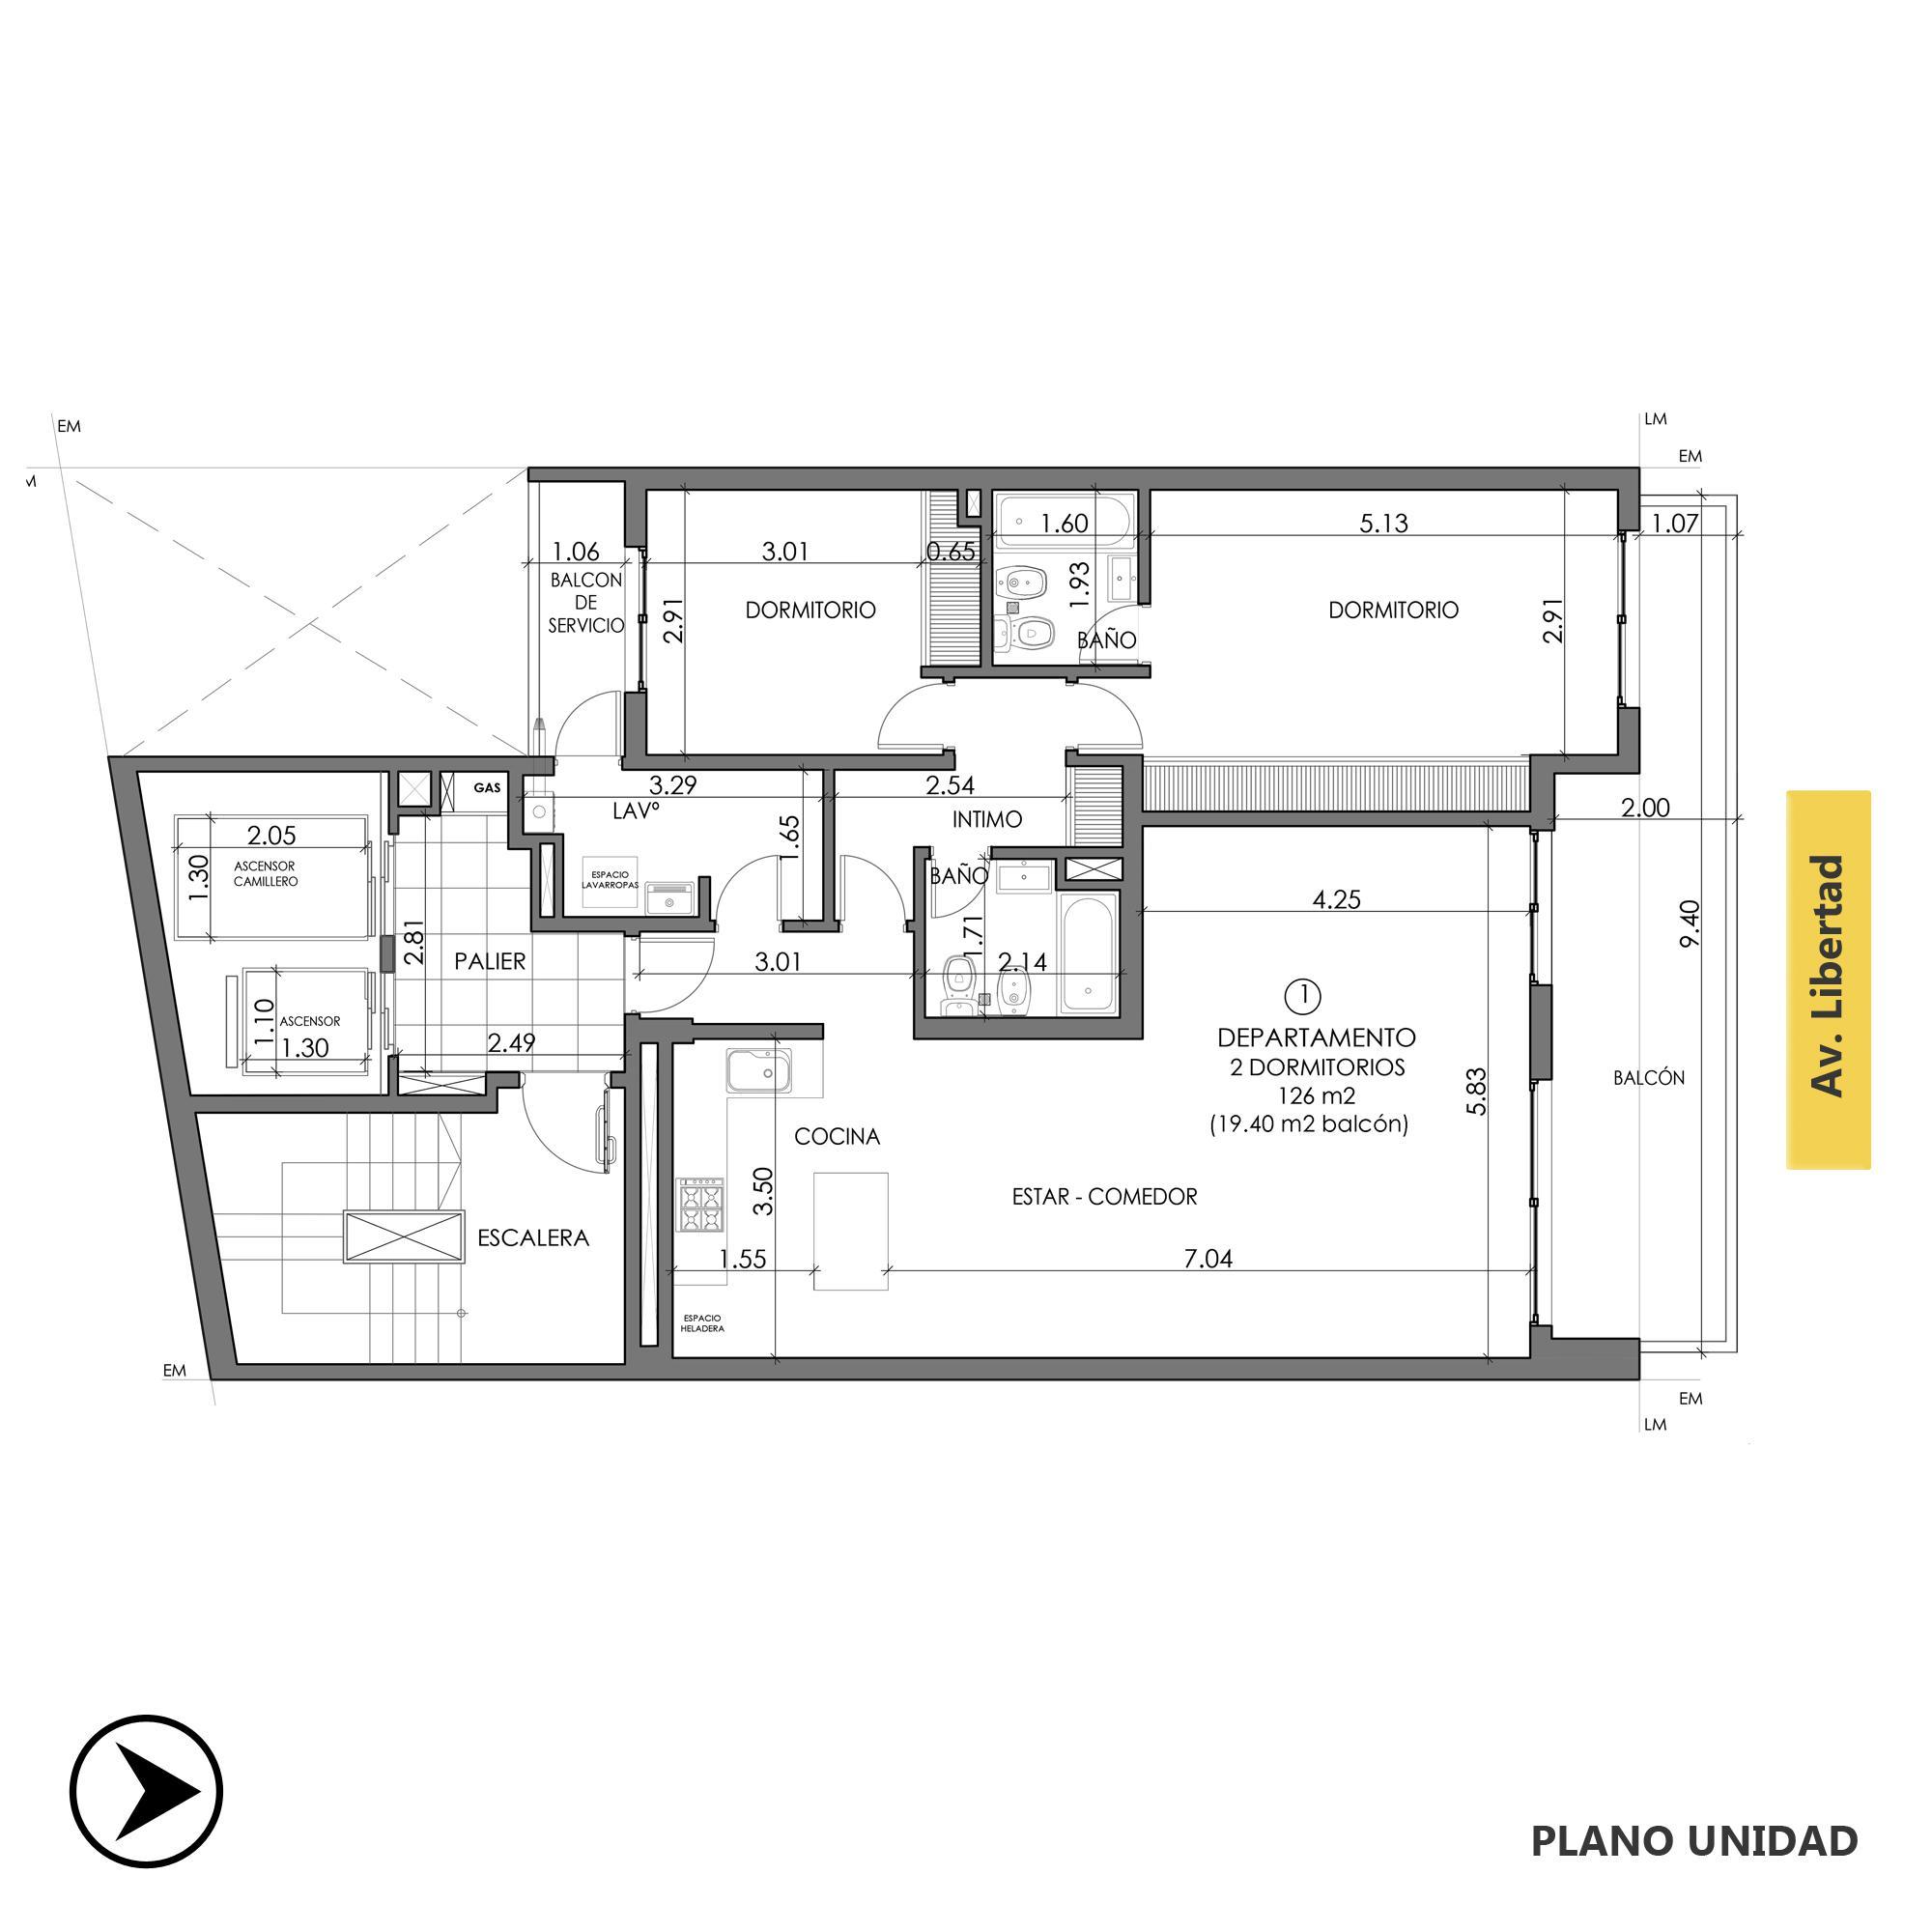 Venta departamento 2 dormitorios Rosario, Centro. Cod CBU20816 AP2039444. Crestale Propiedades